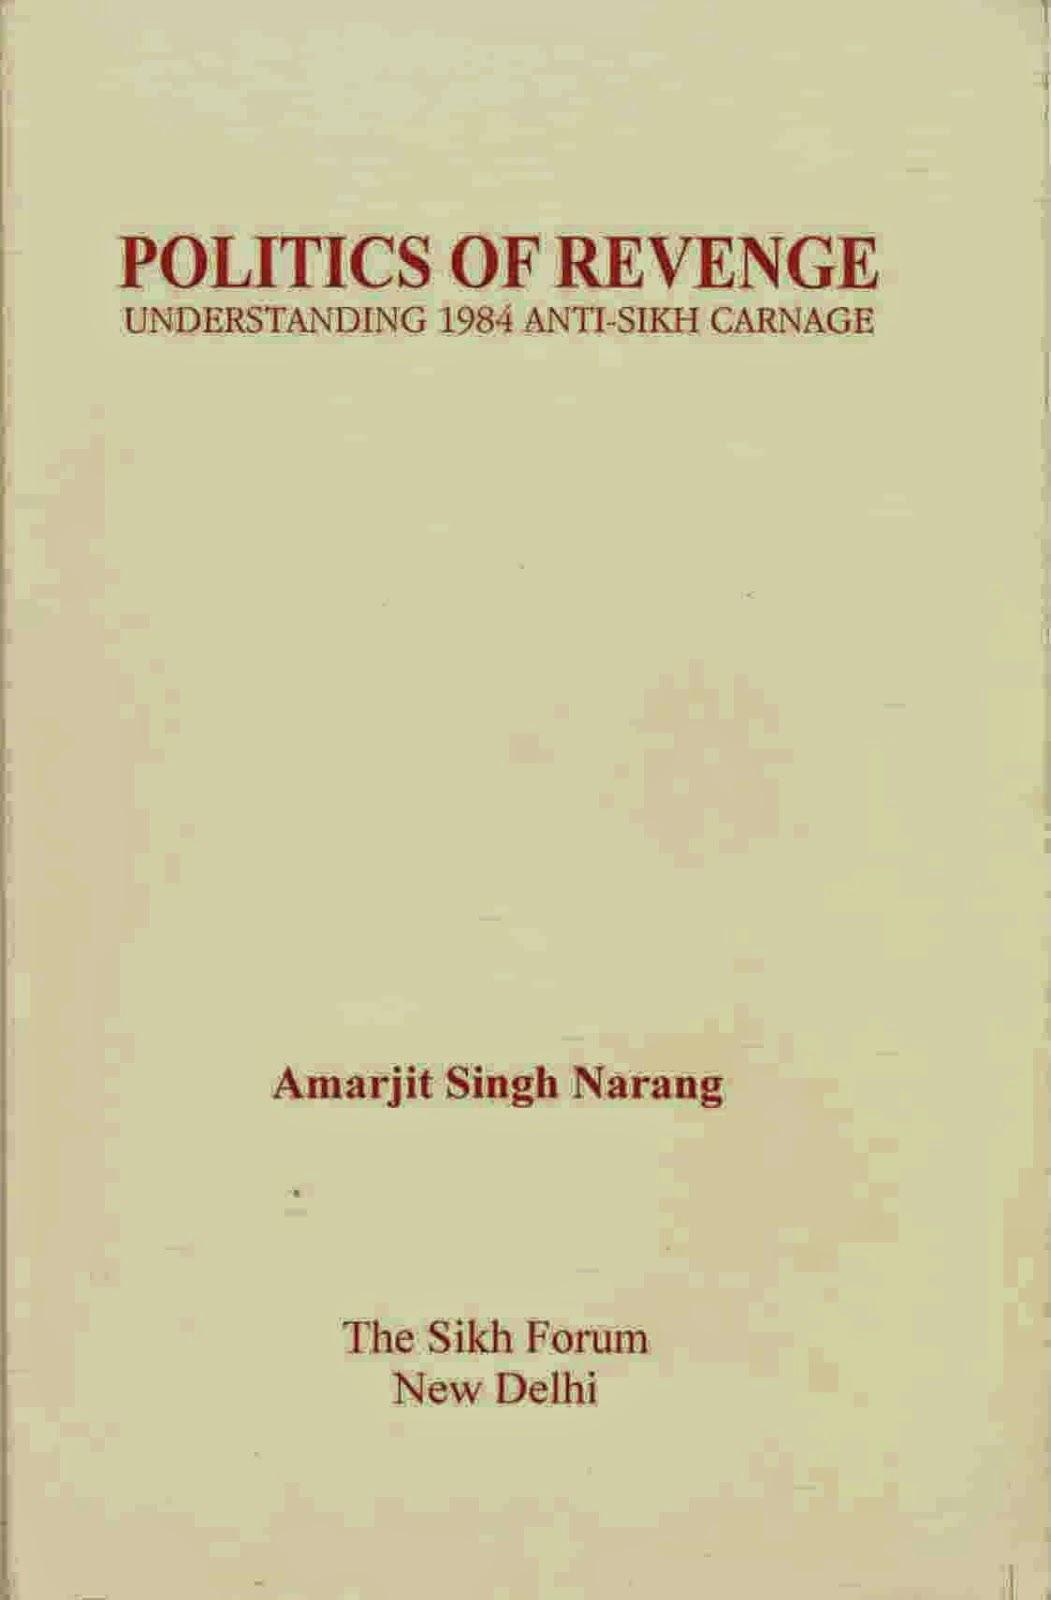 http://sikhdigitallibrary.blogspot.com/2015/06/politics-of-revenge-understanding-1984.html